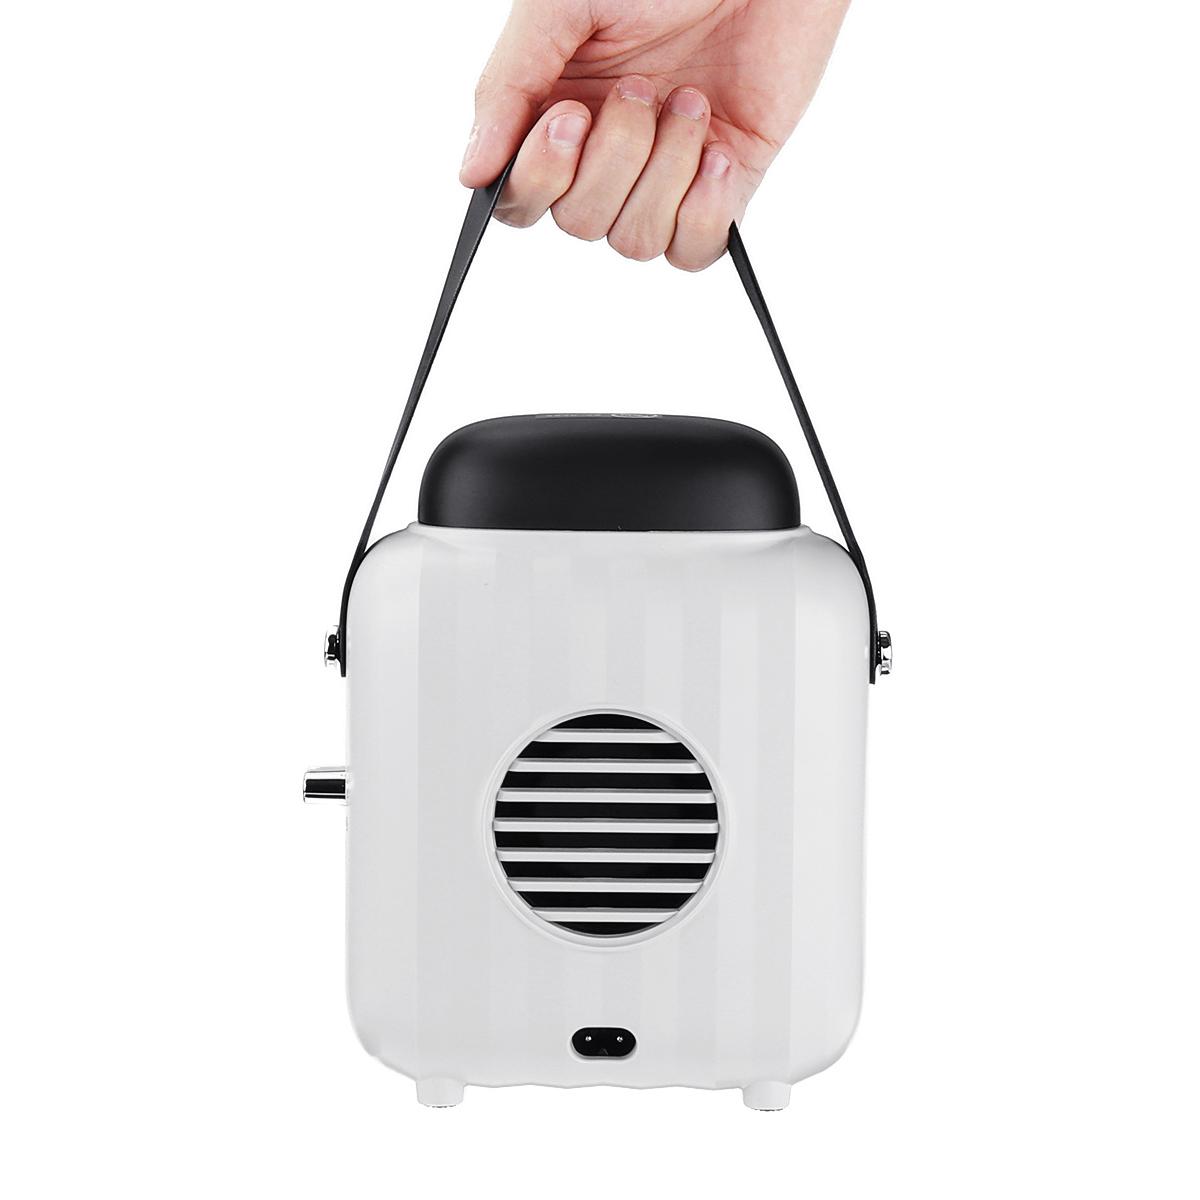 Портативный Мини Космос Нагреватель Для Рабочего Стола Электрический Теплый Вентилятор Колеблющийся Малый Нагреватель Вентилятор 2S Быст